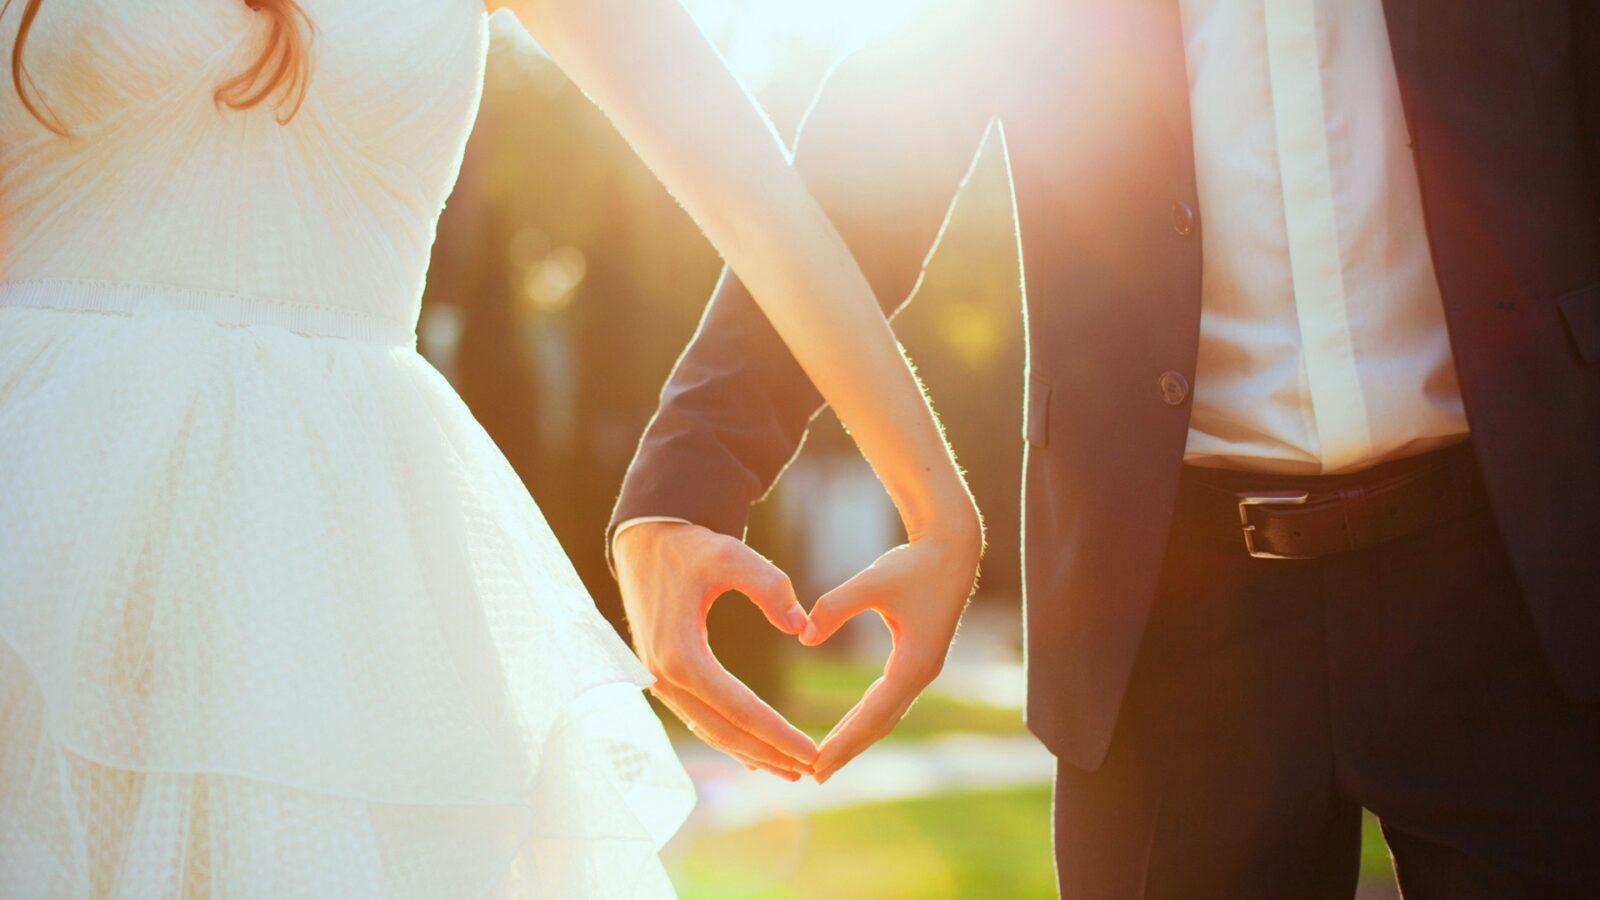 Совместимость имен в браке. Узнайте, насколько вы подходите друг другу!